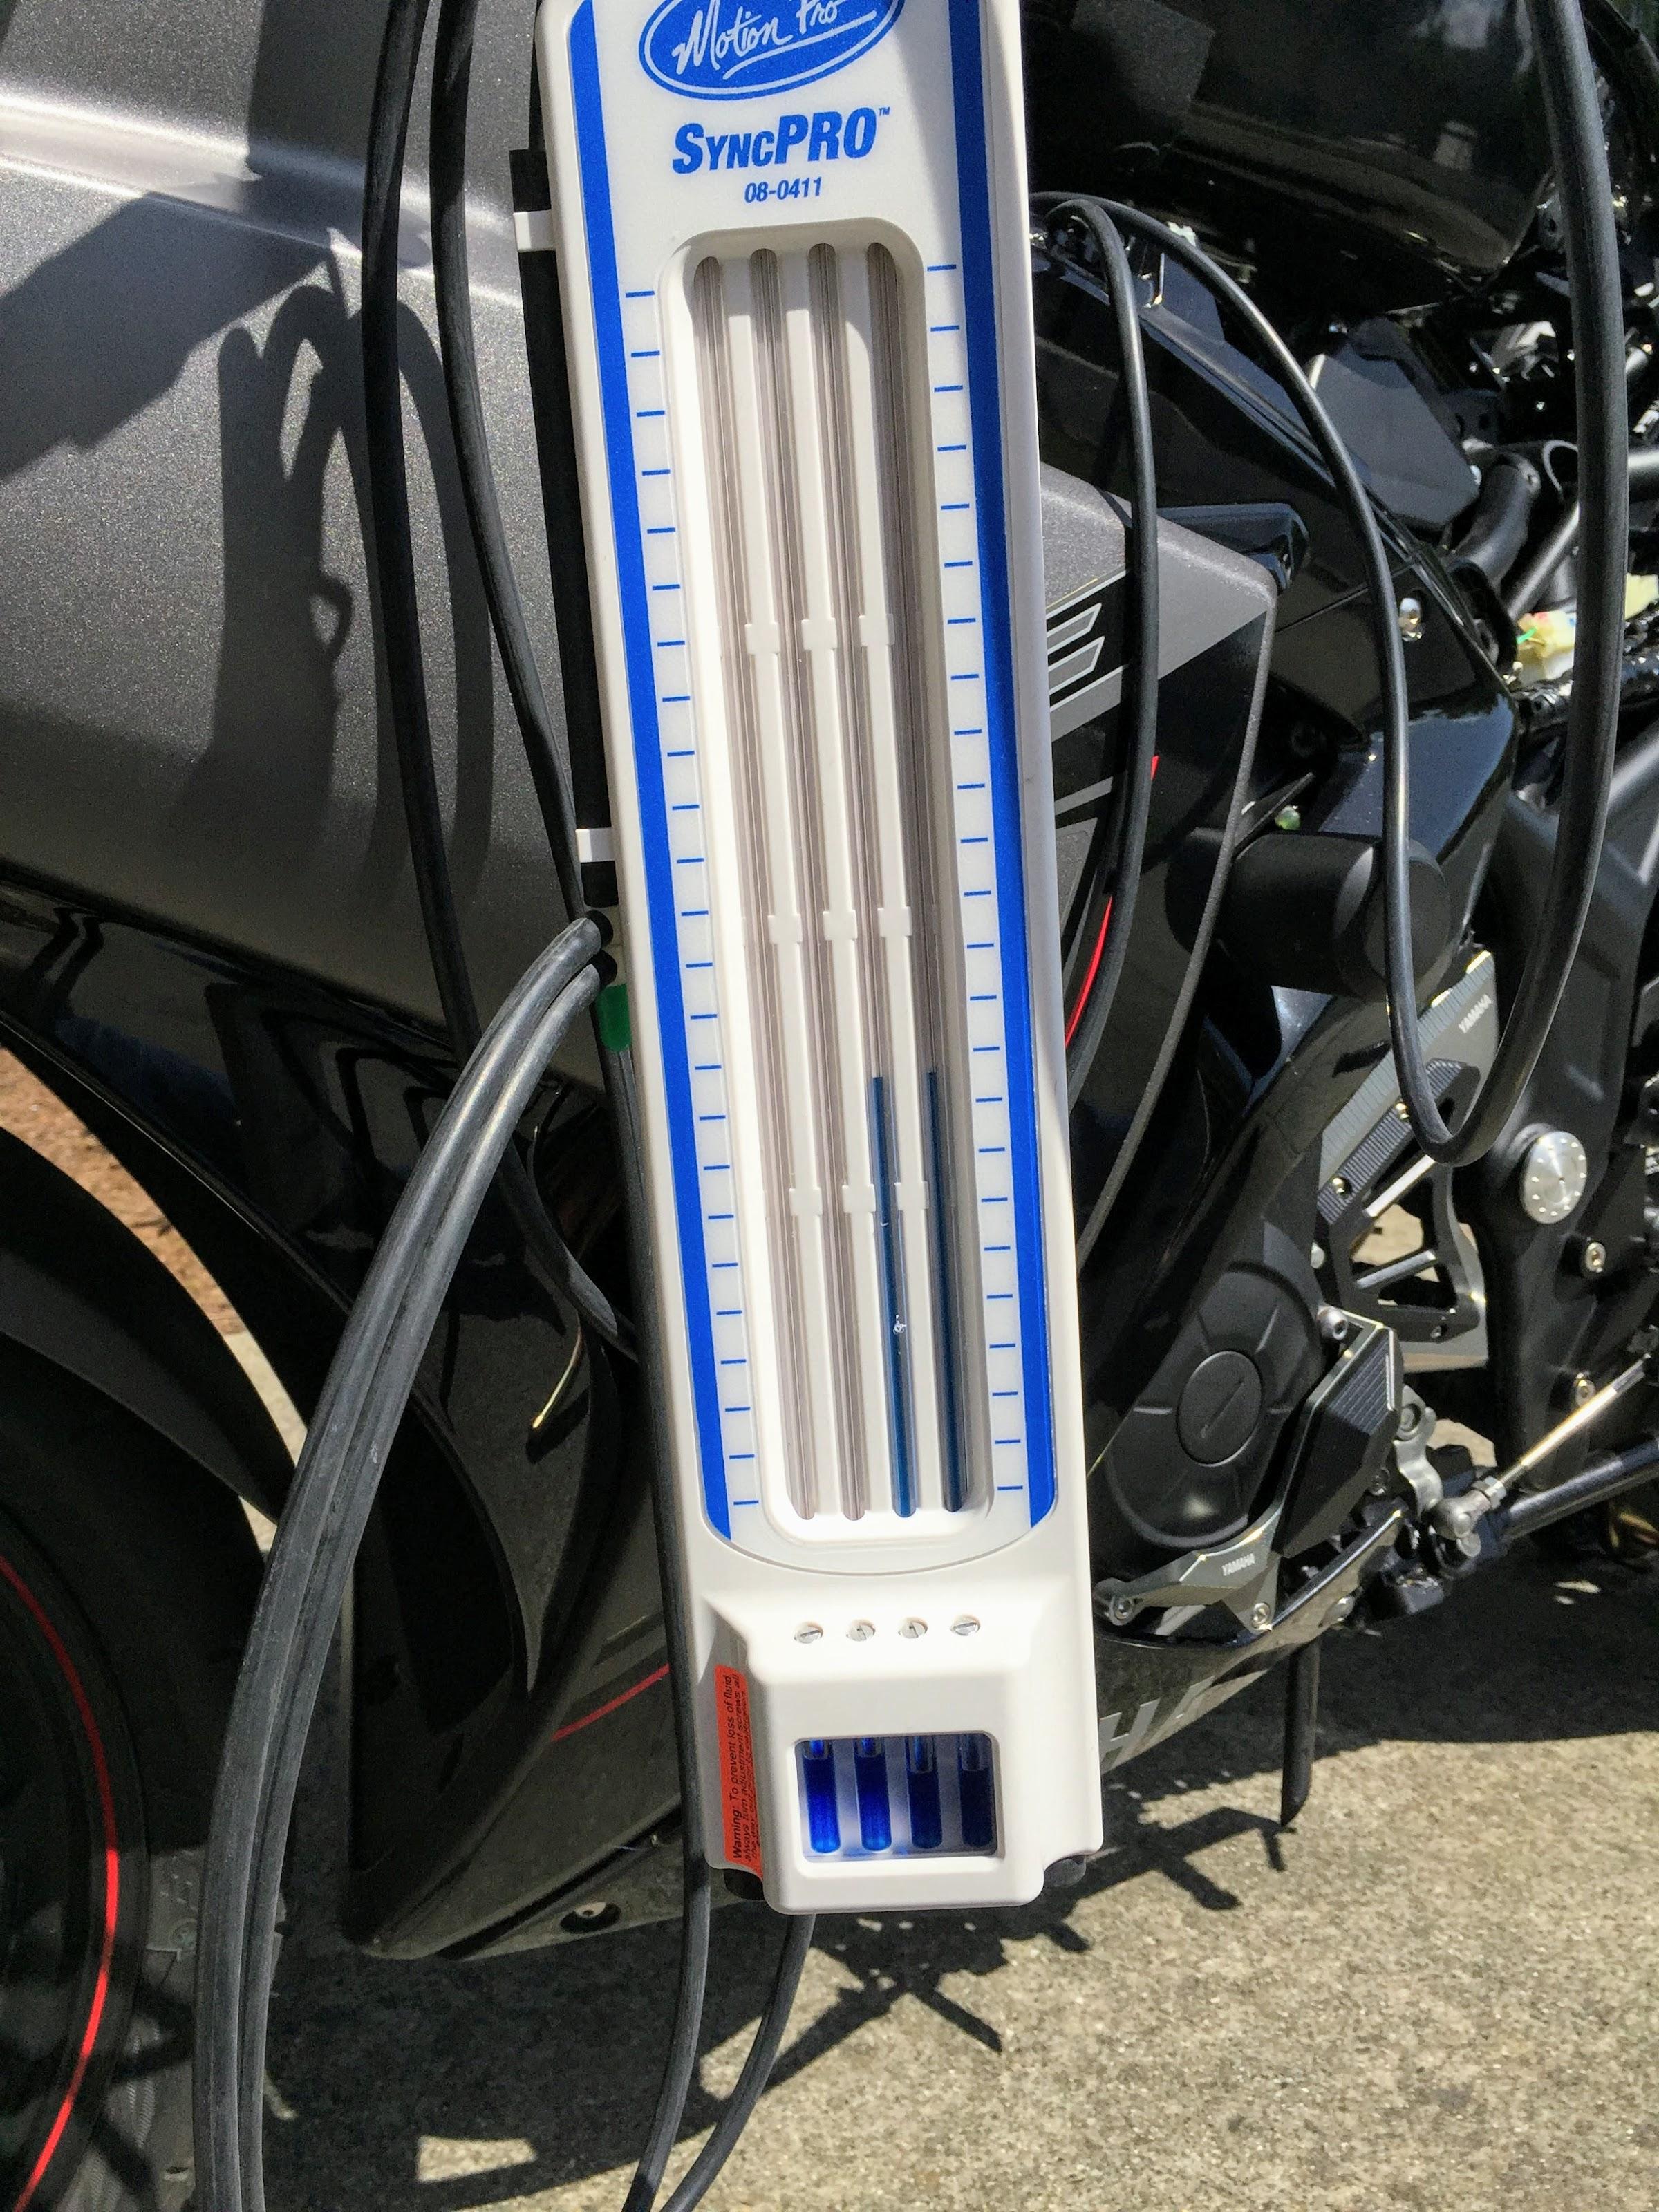 How To Throttle Body Sync Yamaha R